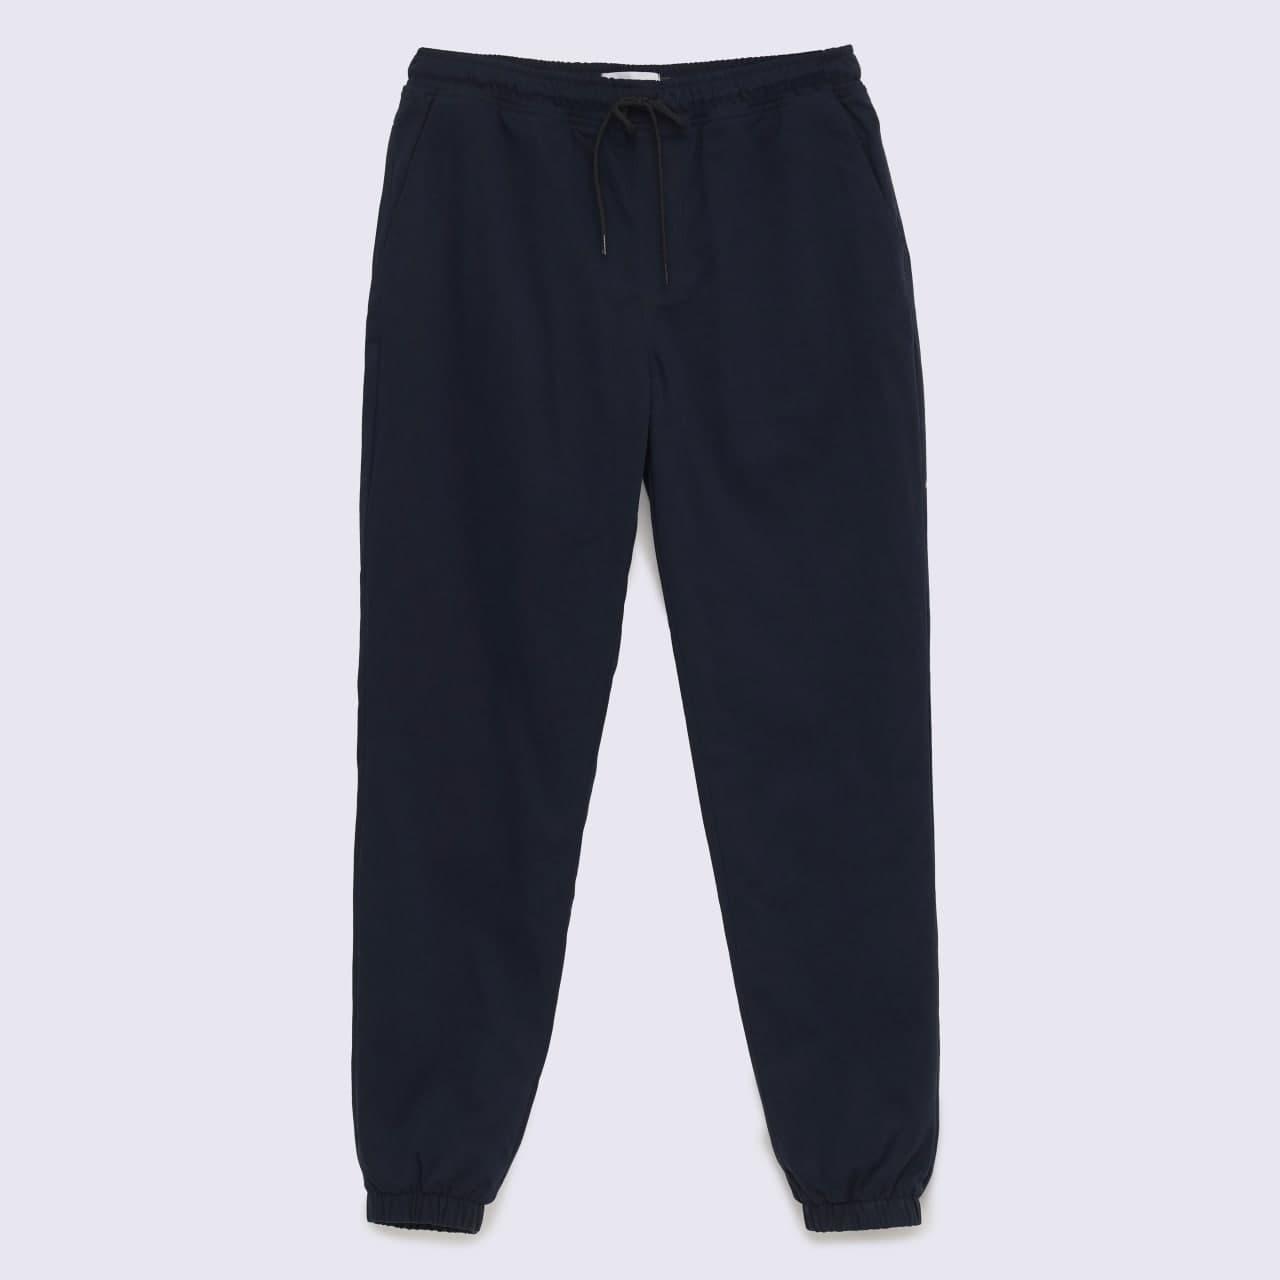 Теплые штаны джоггеры South navy